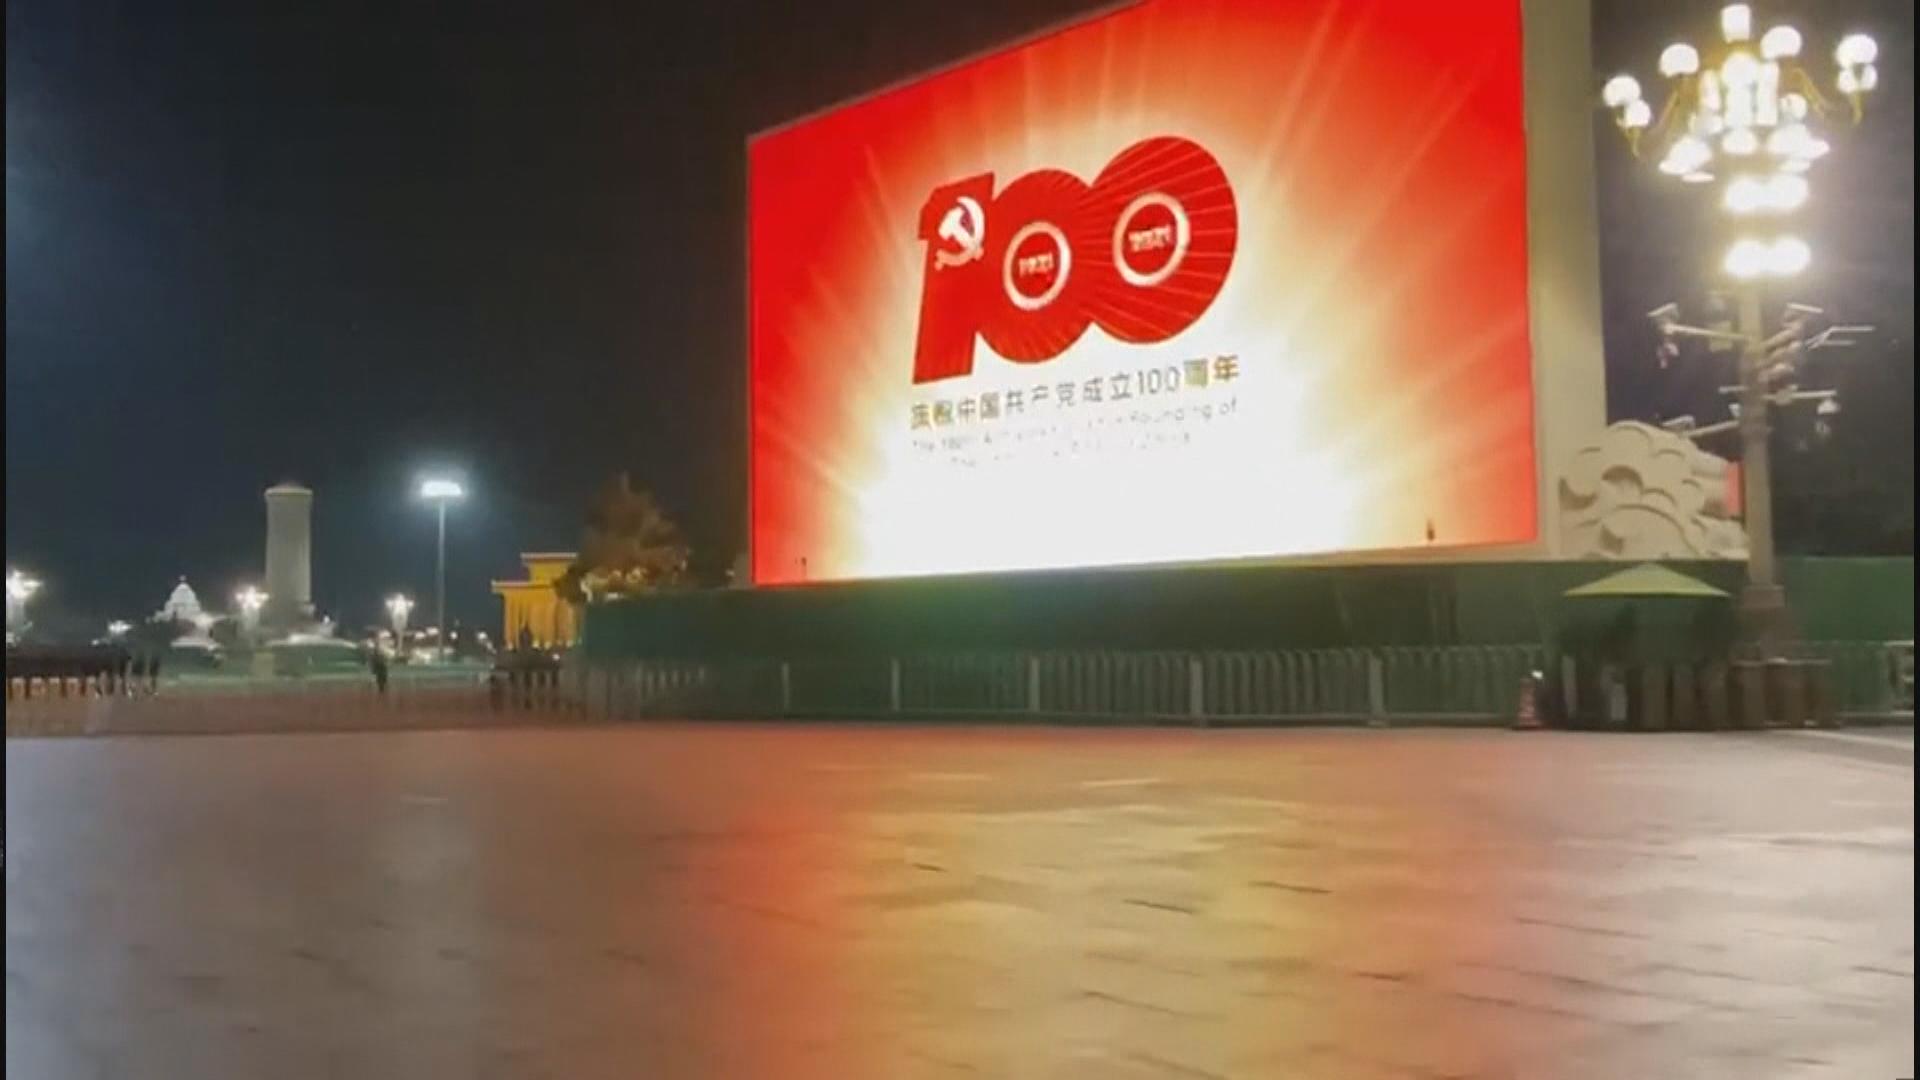 中共建黨百周年慶祝大會演練 天安門廣場現慶祝字句